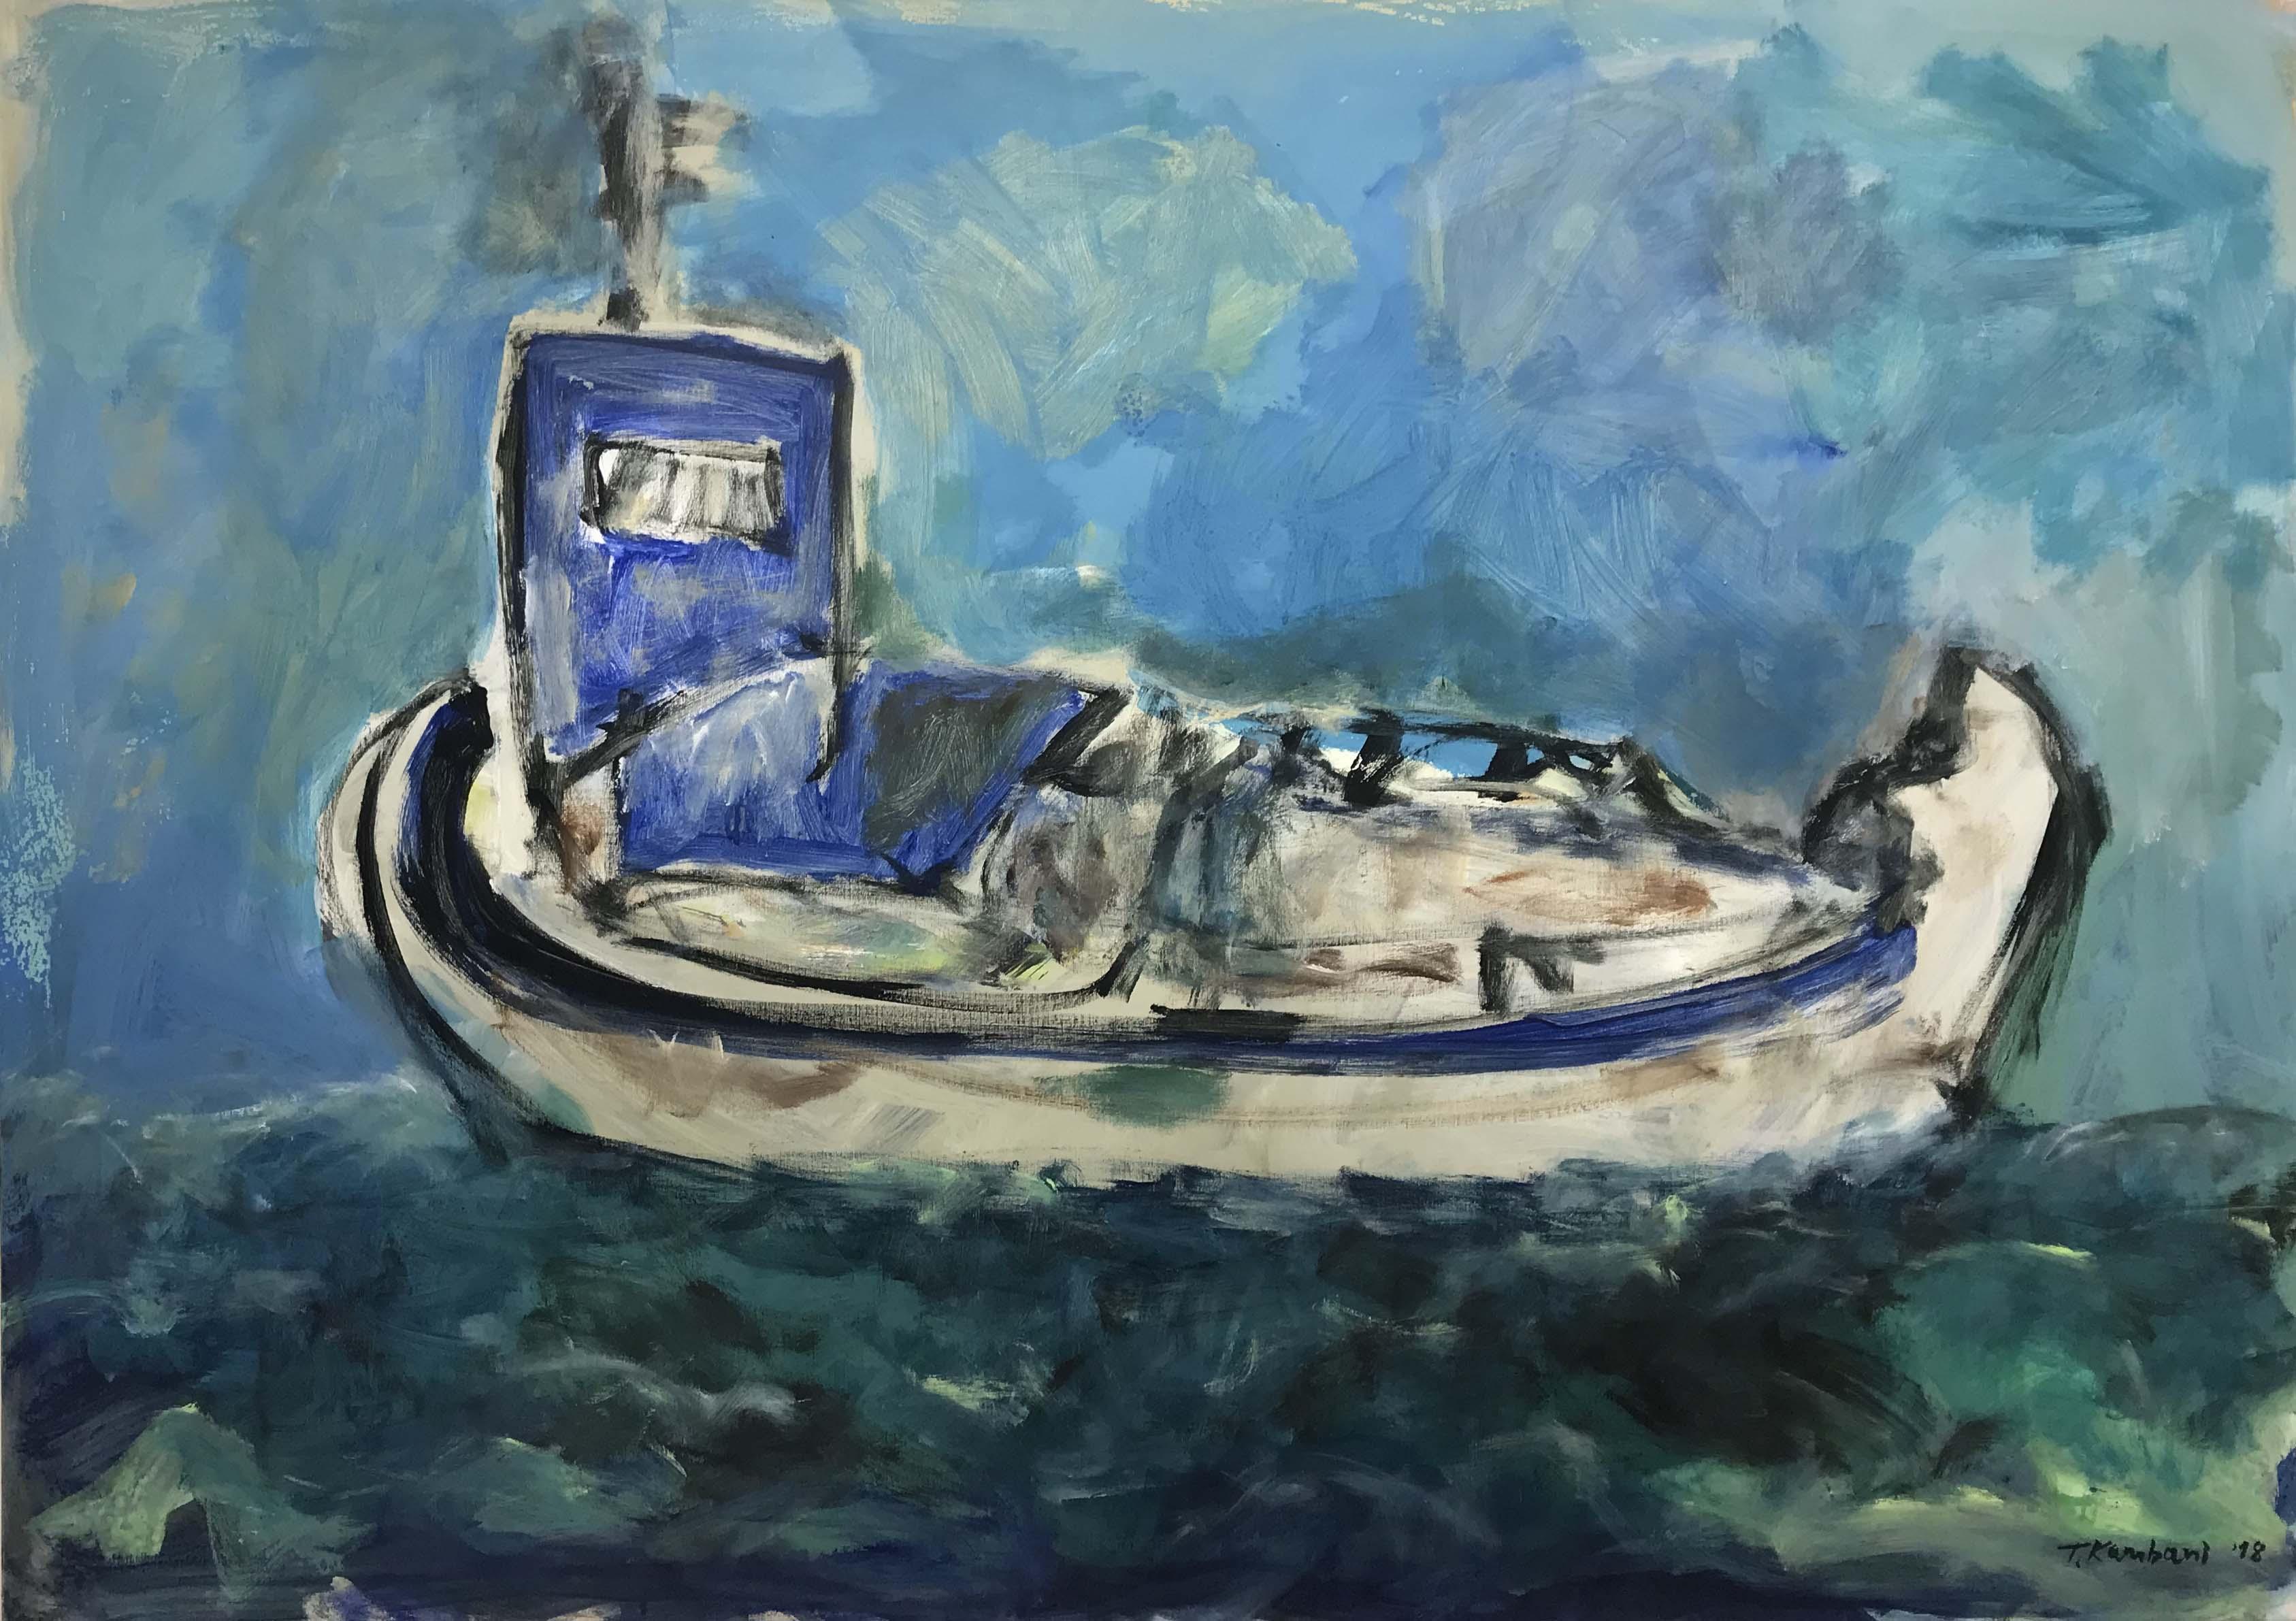 varka gialo, 140x100cm, Acrylique sur toile, 2018 sm